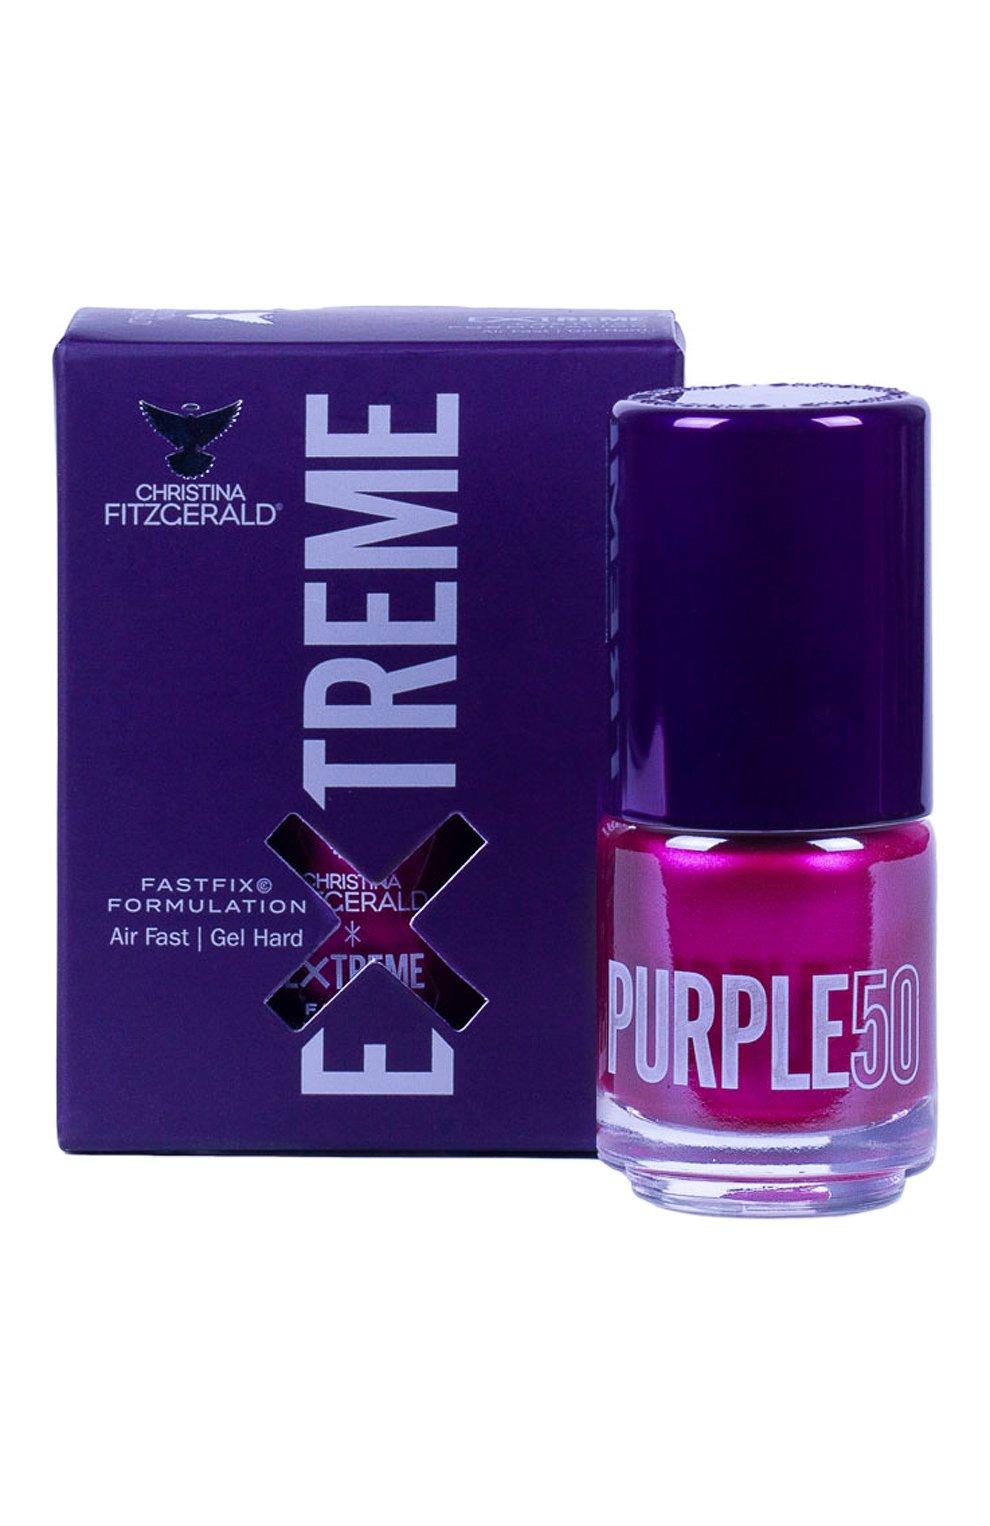 Женский лак для ногтей extreme, оттенок purple 50 CHRISTINA FITZGERALD бесцветного цвета, арт. 9333381005397   Фото 1